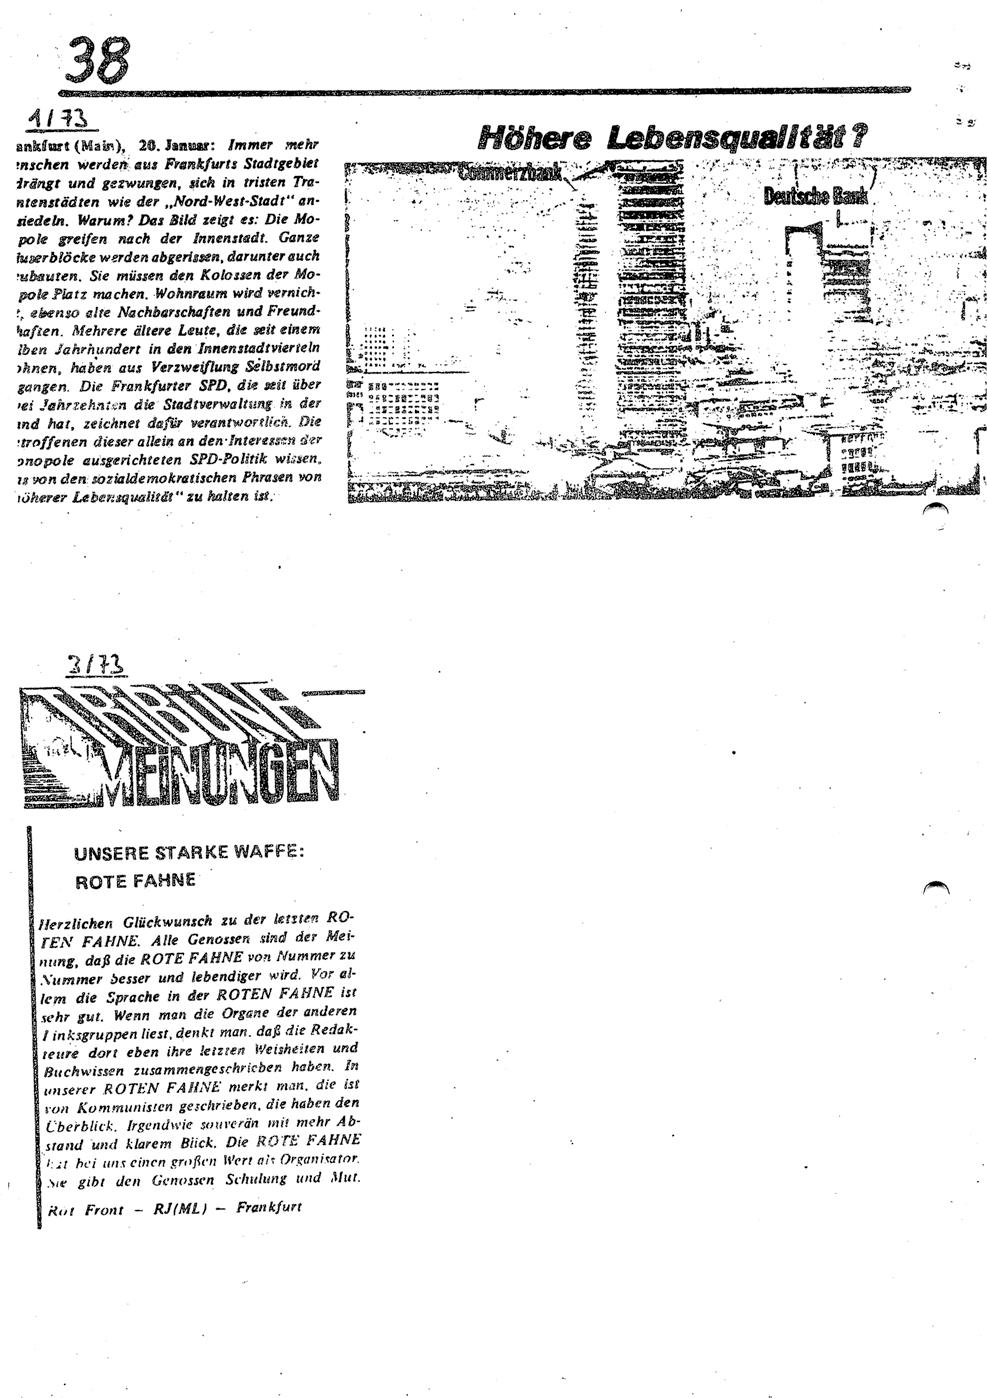 KABRW_Arbeitshefte_1977_25_037